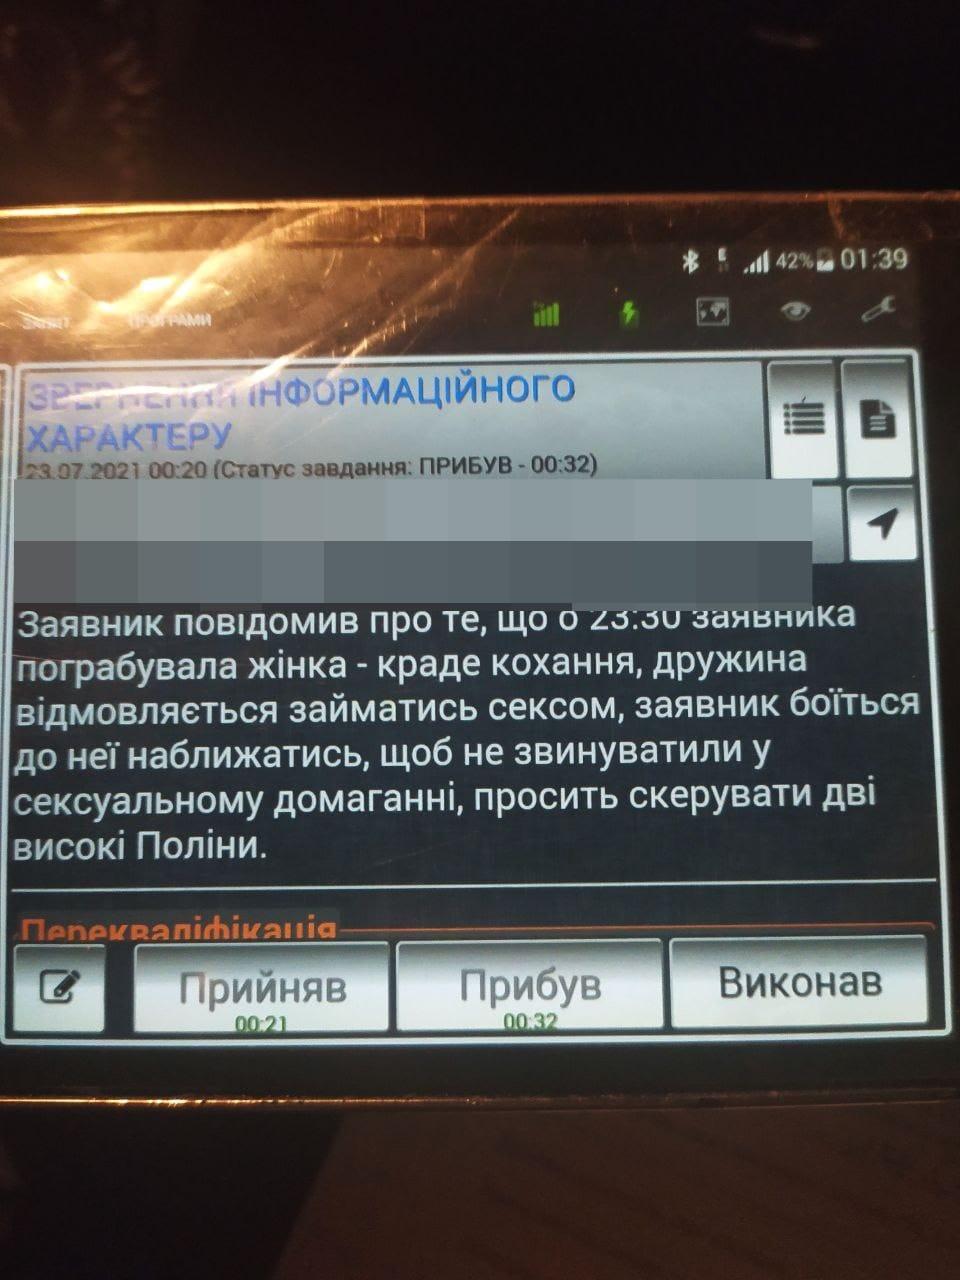 Отказалась заниматься сексом: во Львове мужчина вызвал полицию для  своей жены  - фото 2